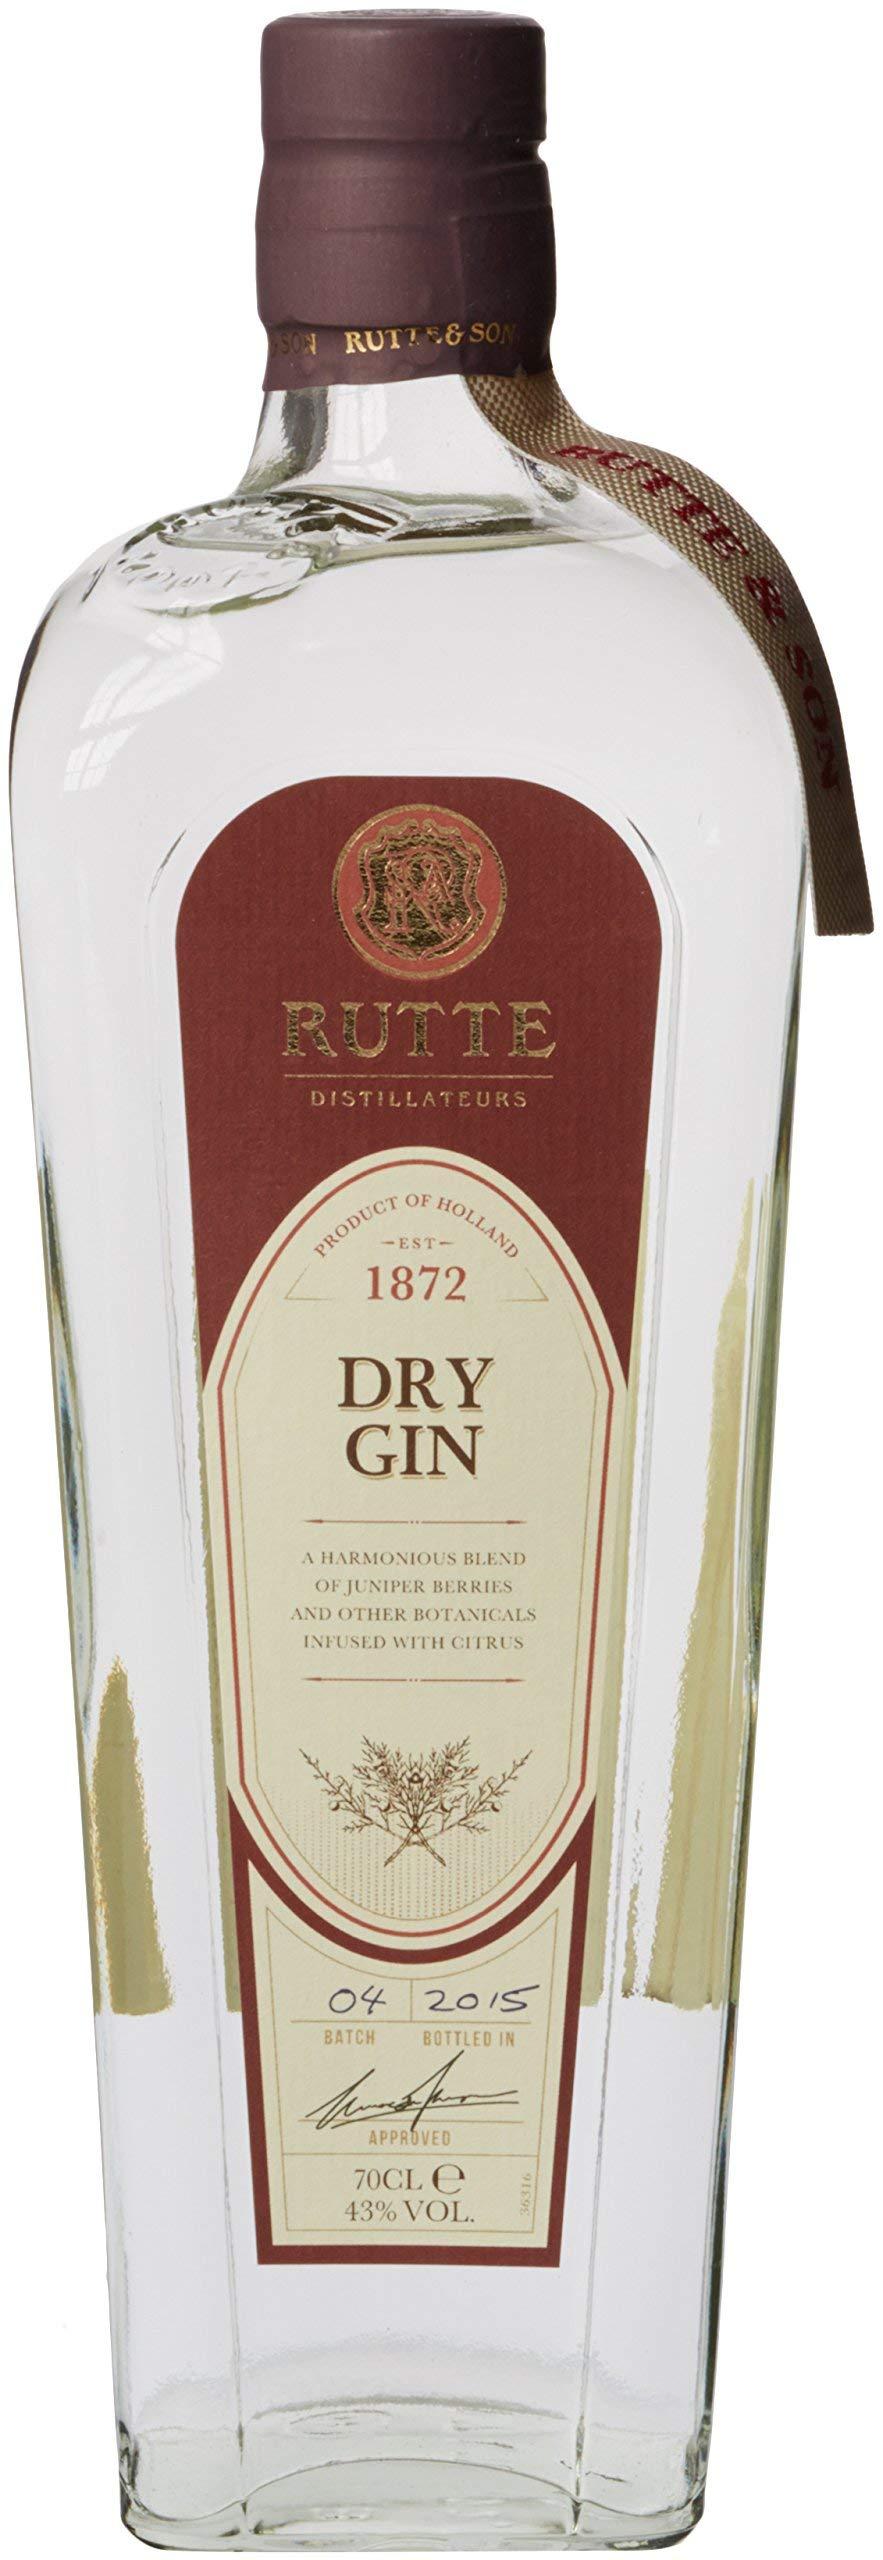 RUTTE-Dry-Gin-1x700ml